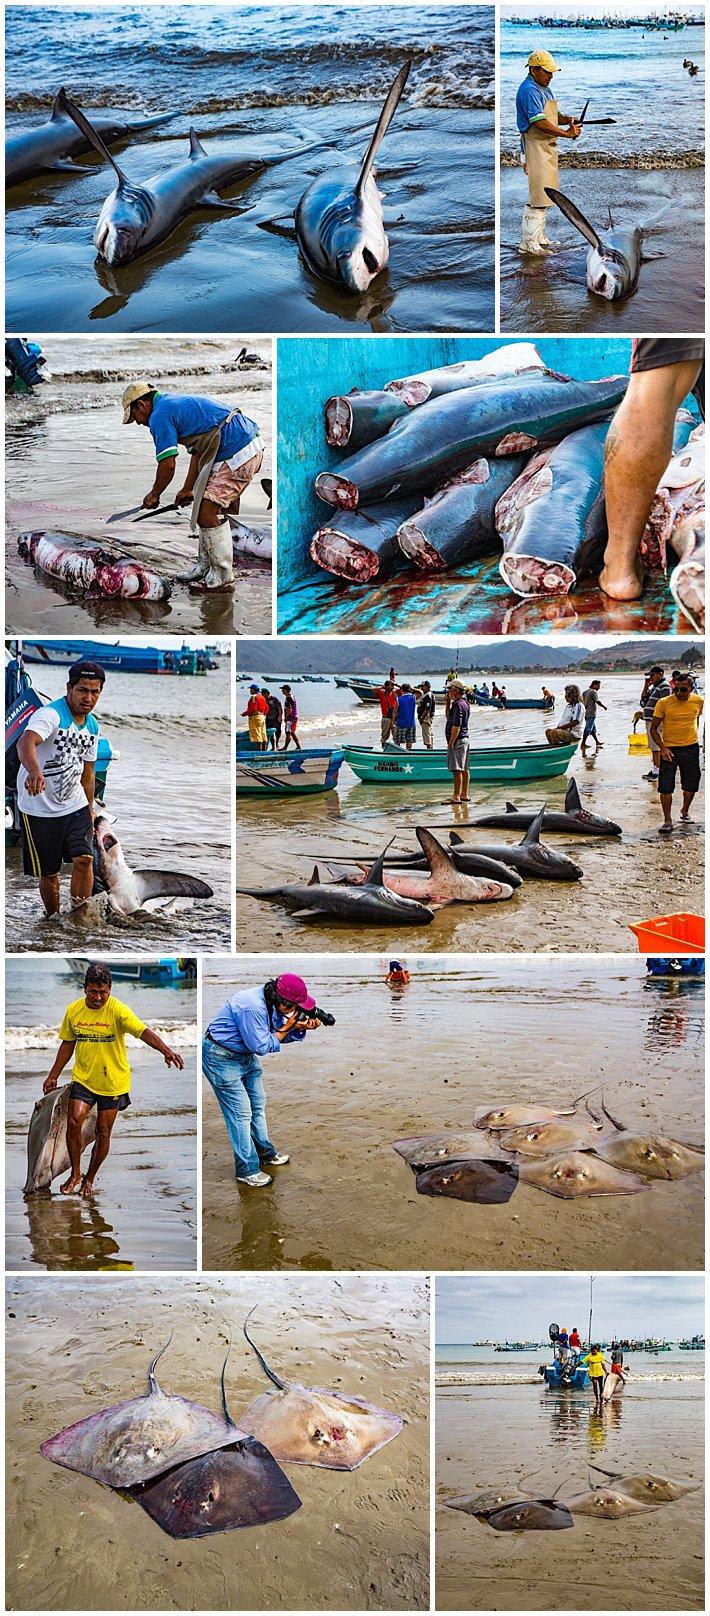 Puerto Lopez Ecuador 2016 sharks and manta rays